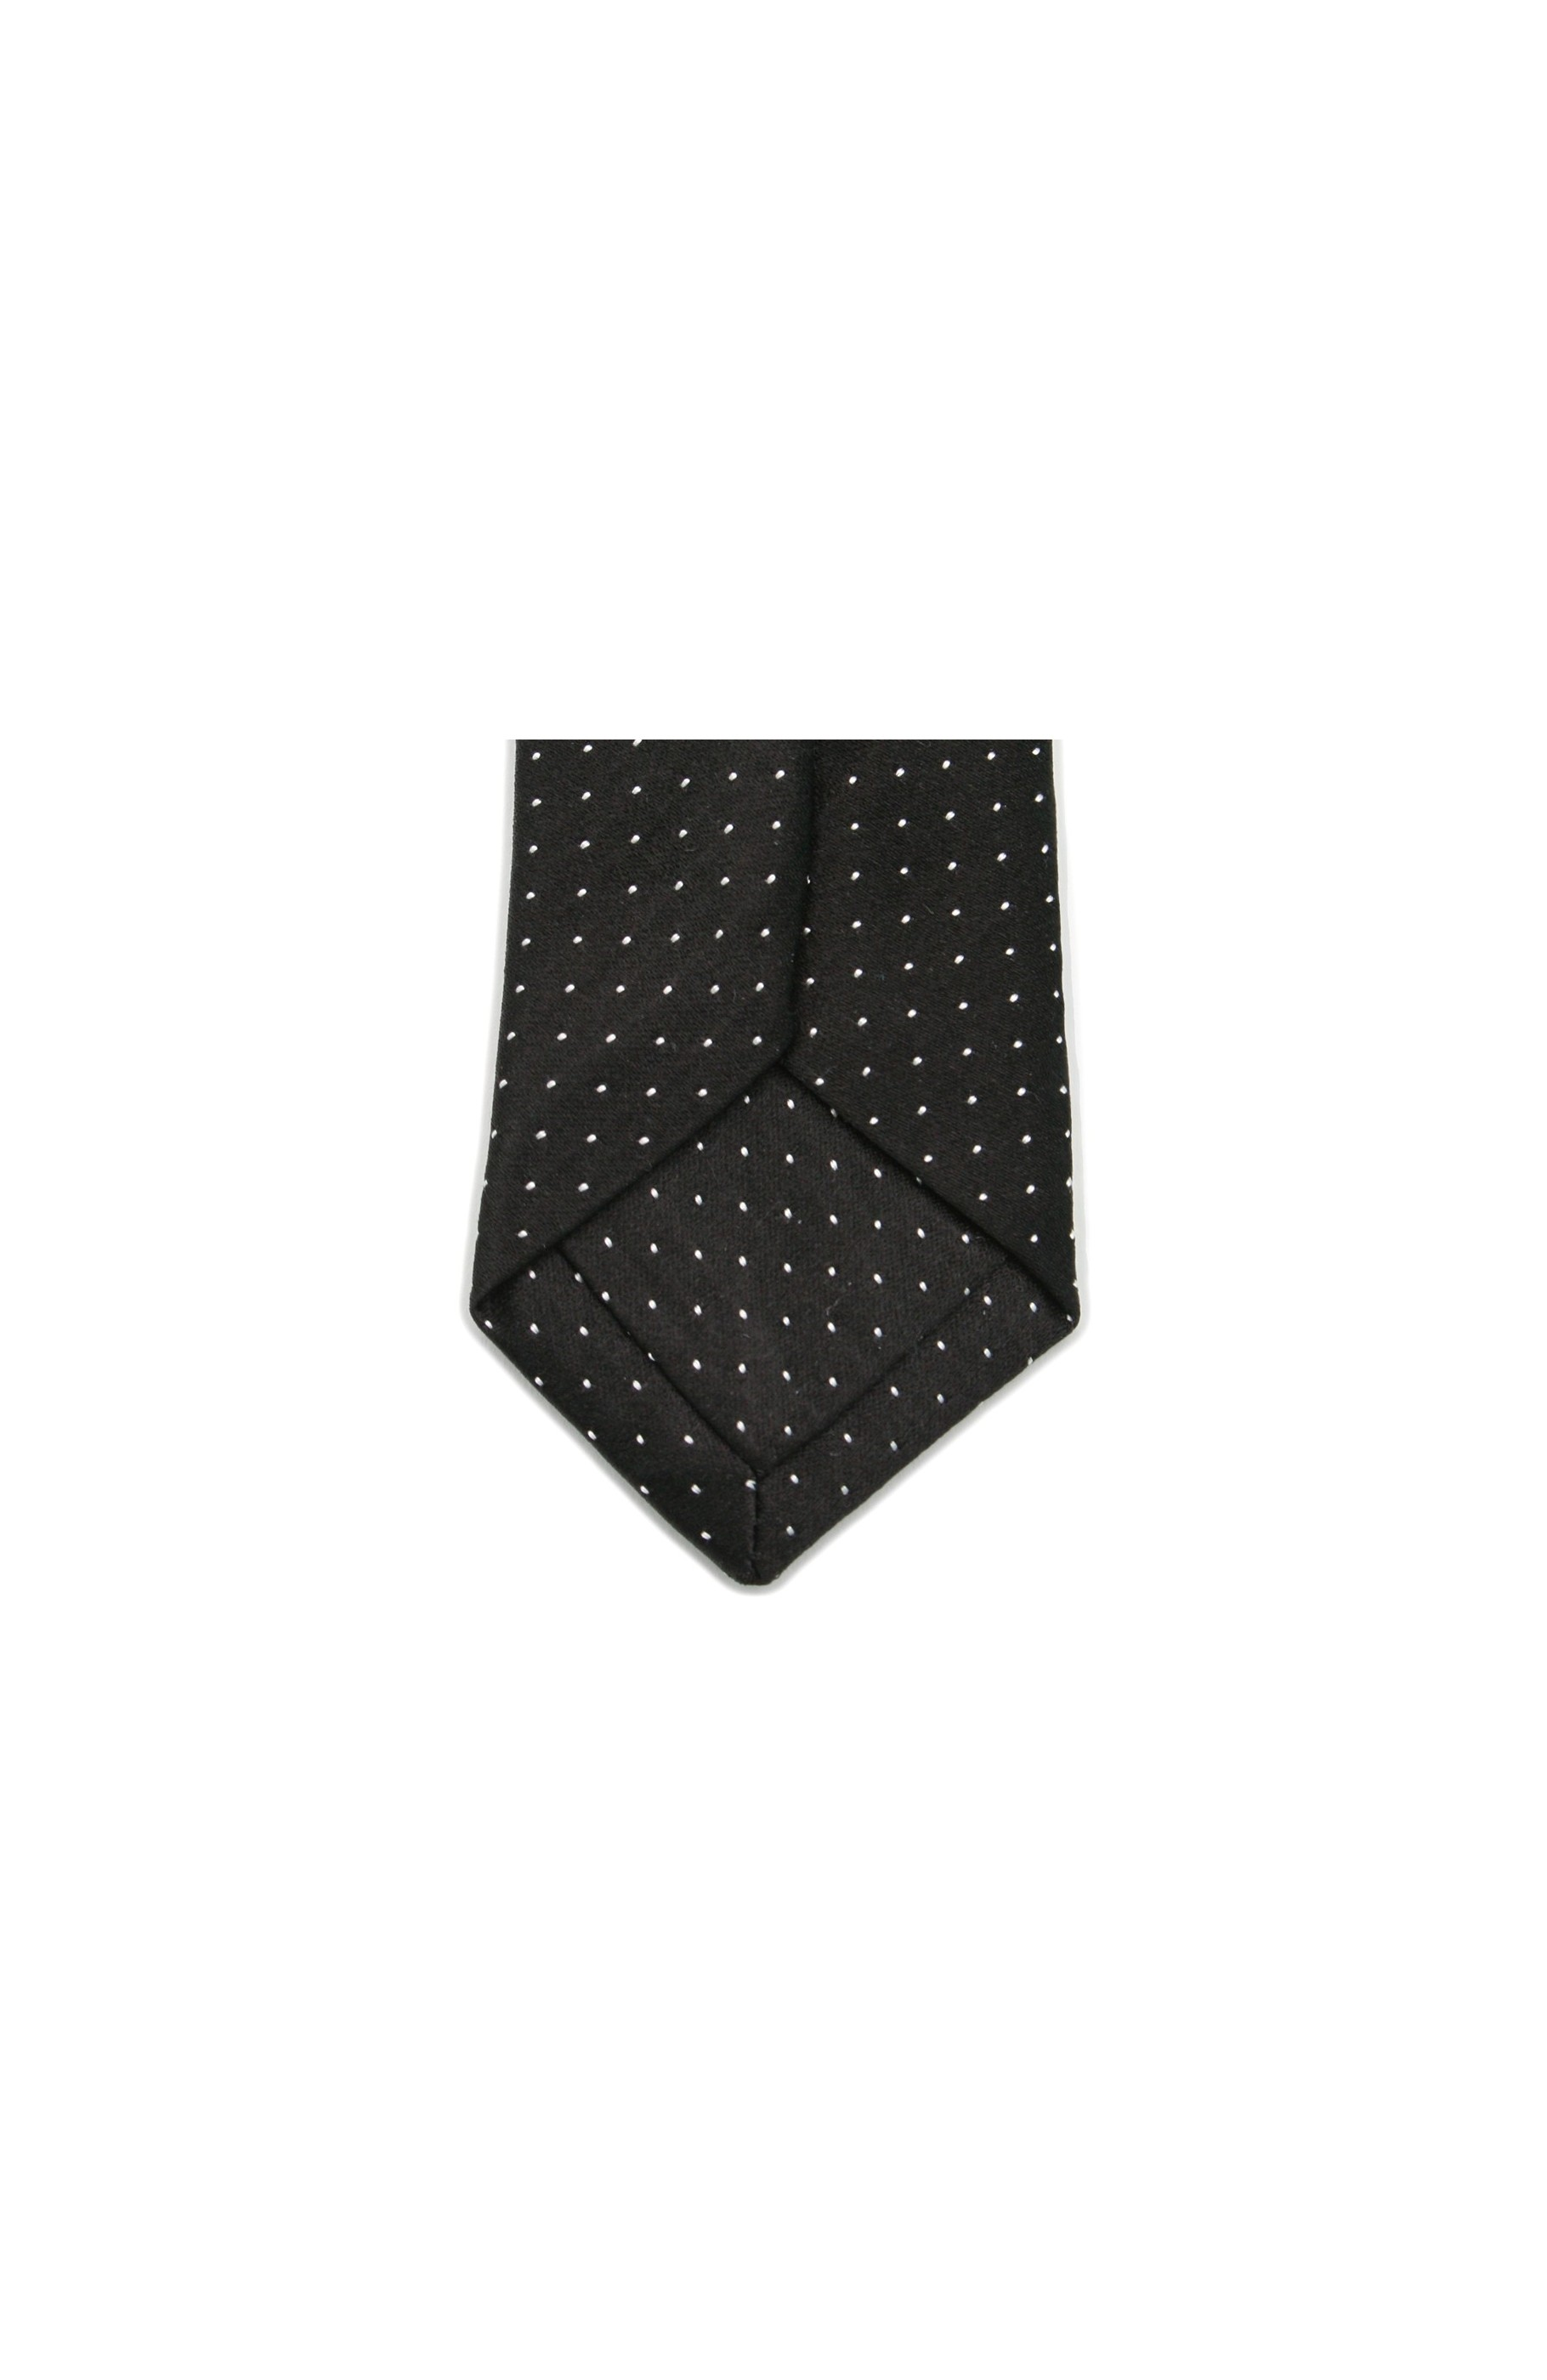 Majesté Couture Paris: Slim black tie | Accessories -  Hiphunters Shop